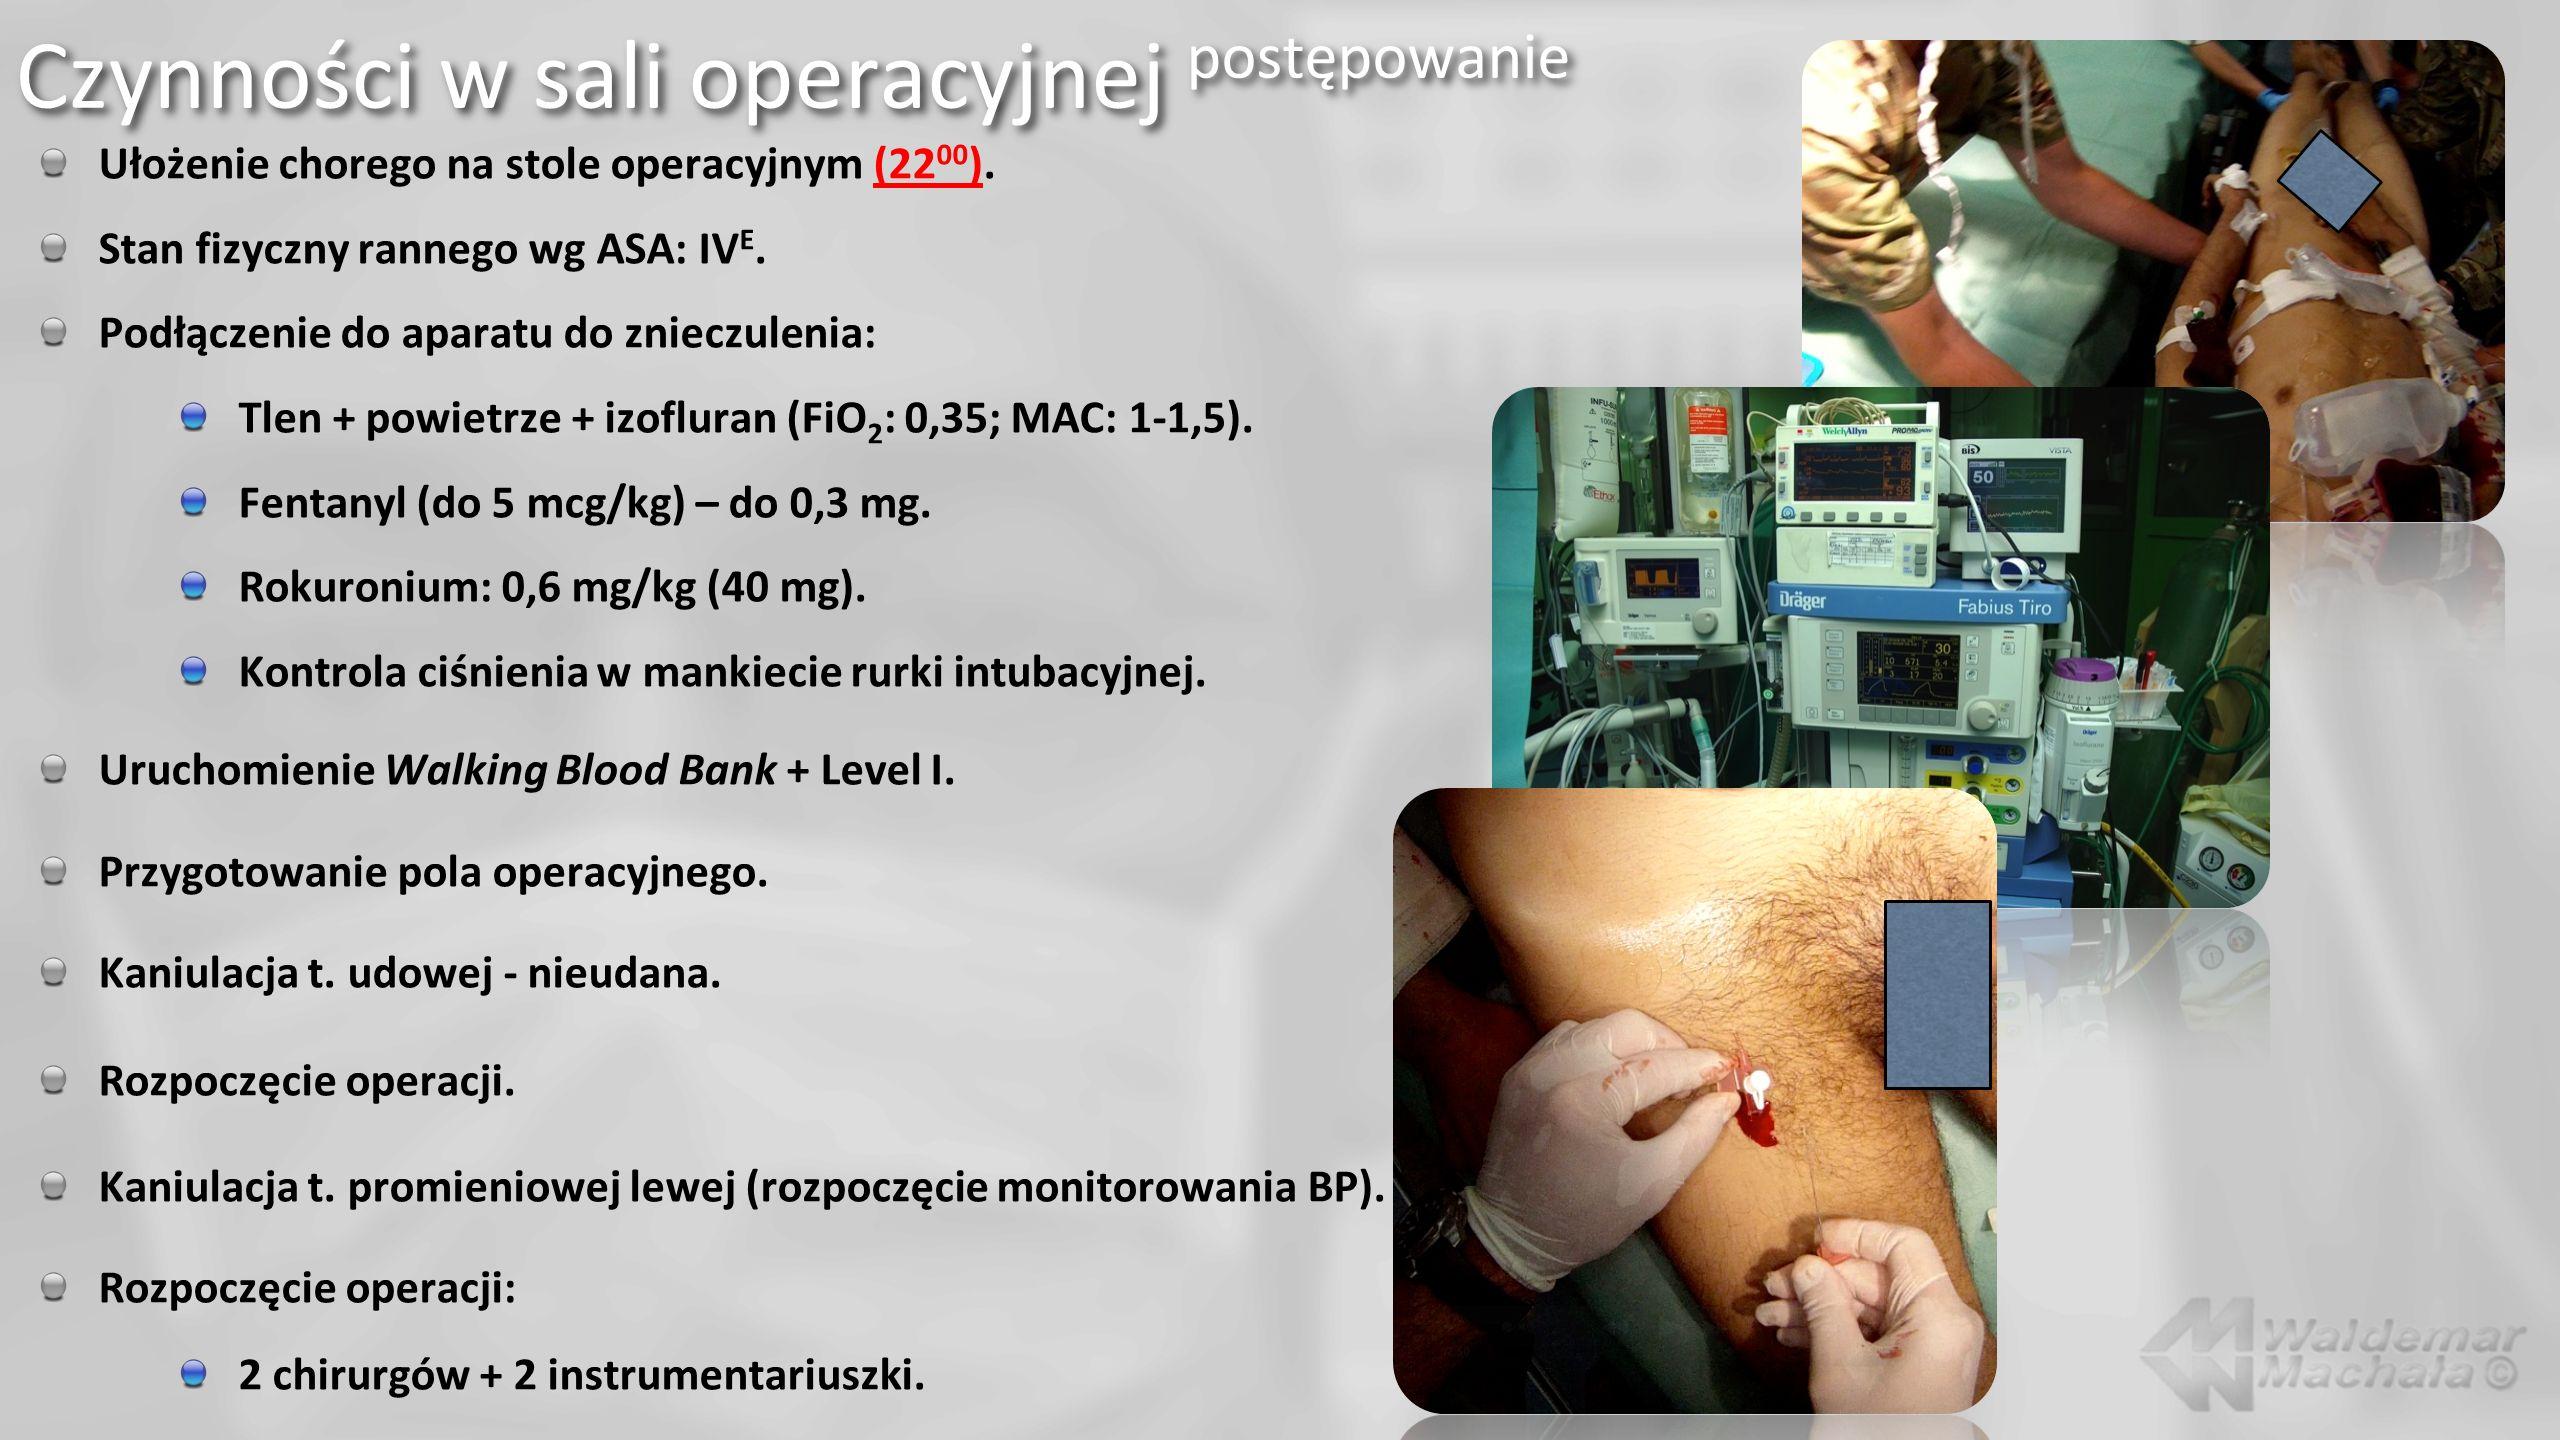 Czynności w sali operacyjnej postępowanie